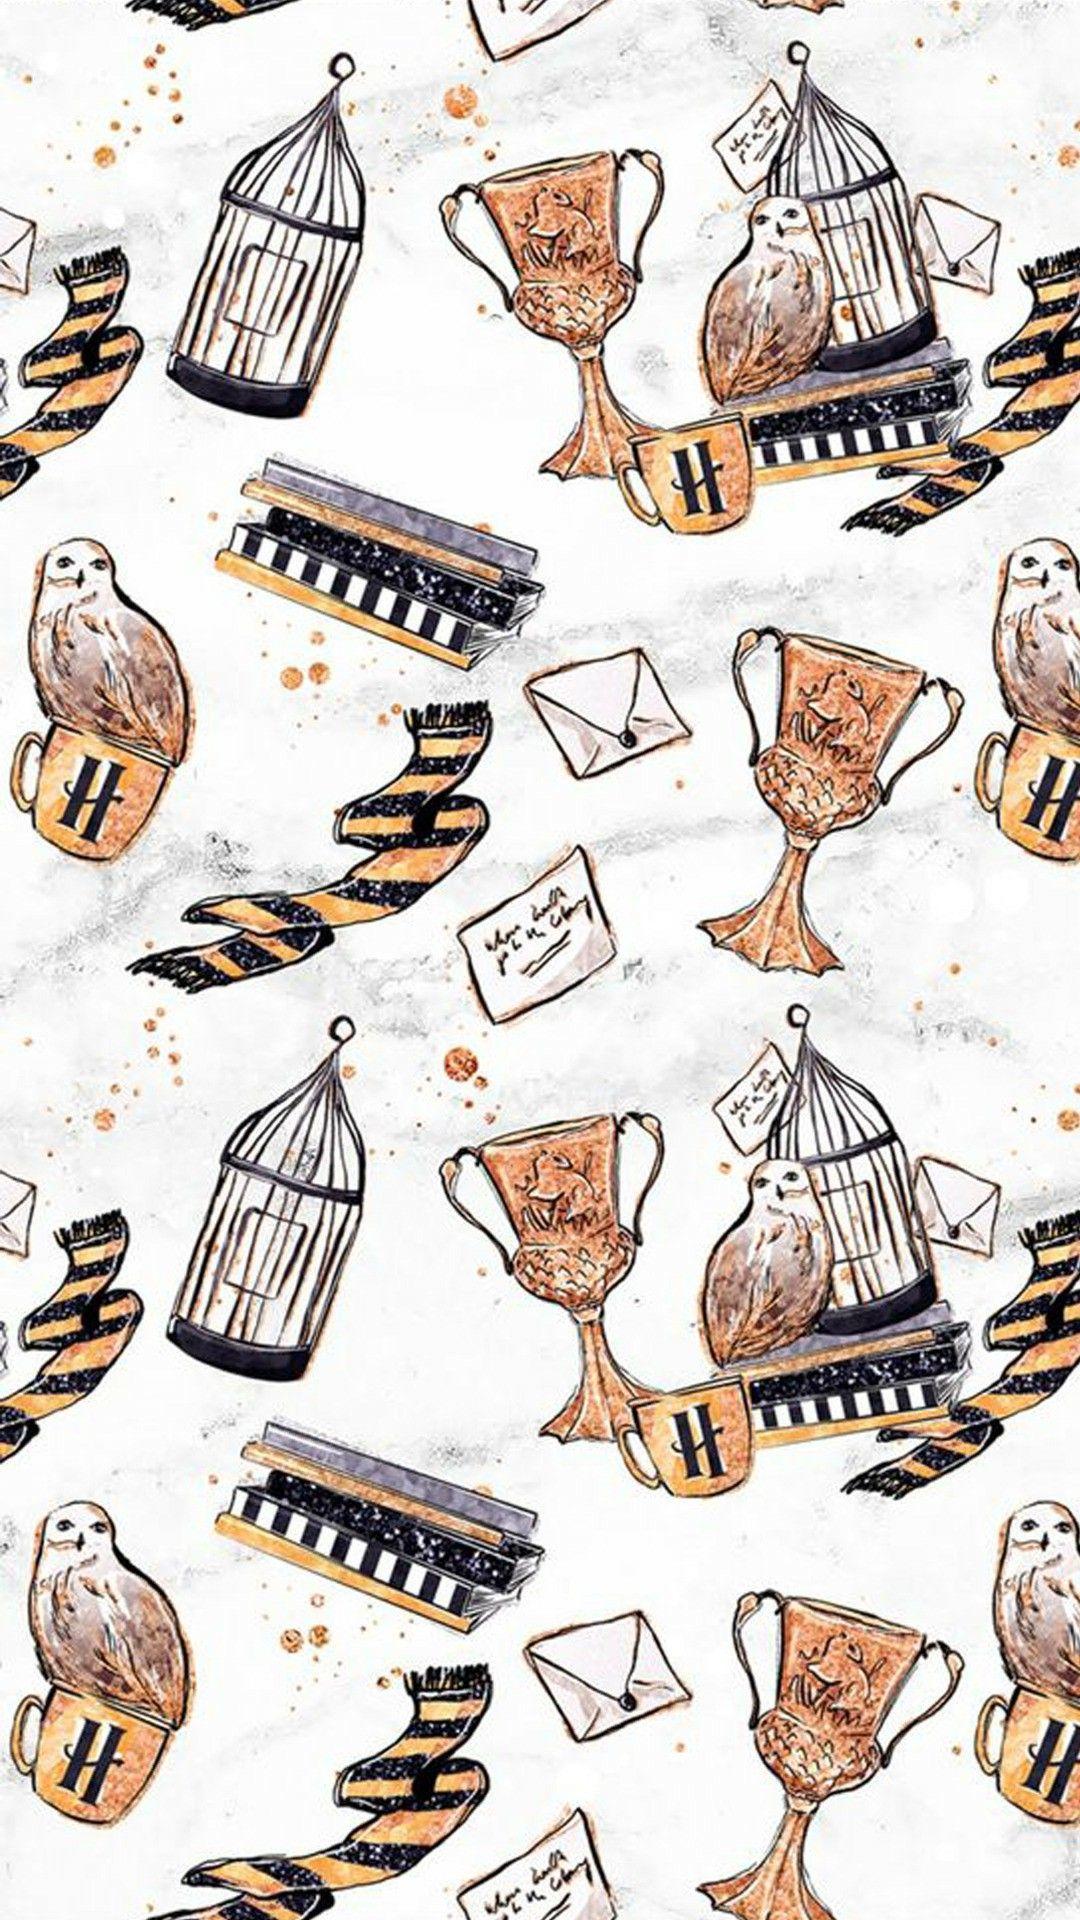 ハリーポッター壁紙かわいい ハリーポッターのテーマの壁紙 1080x19 Wallpapertip